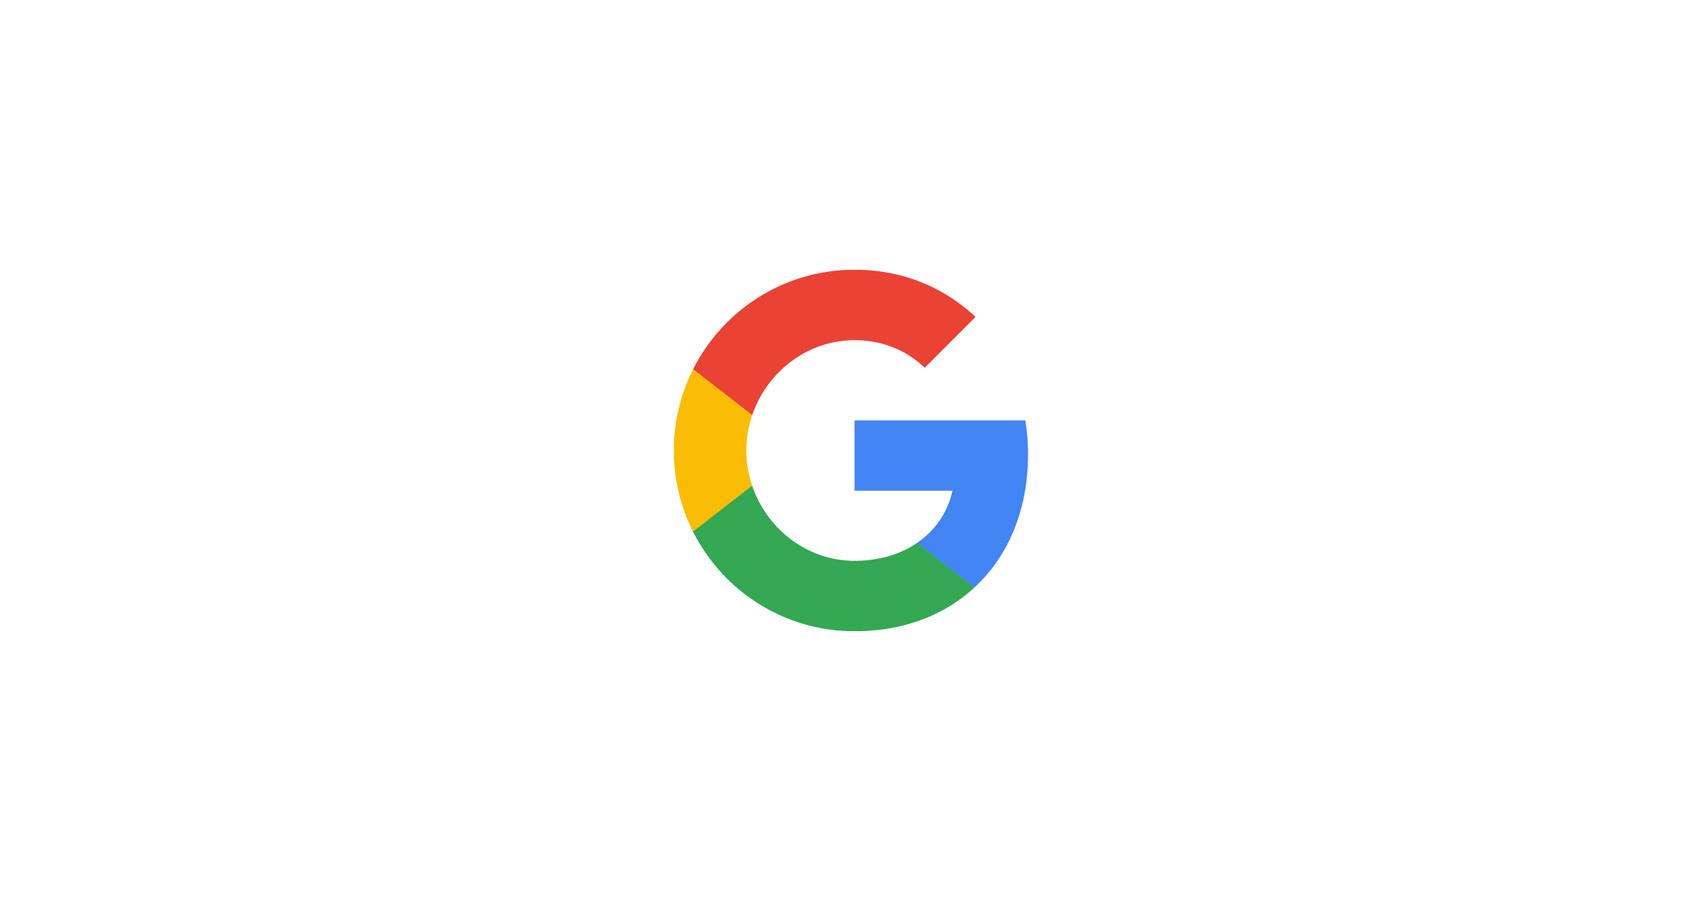 Googles one letter logo